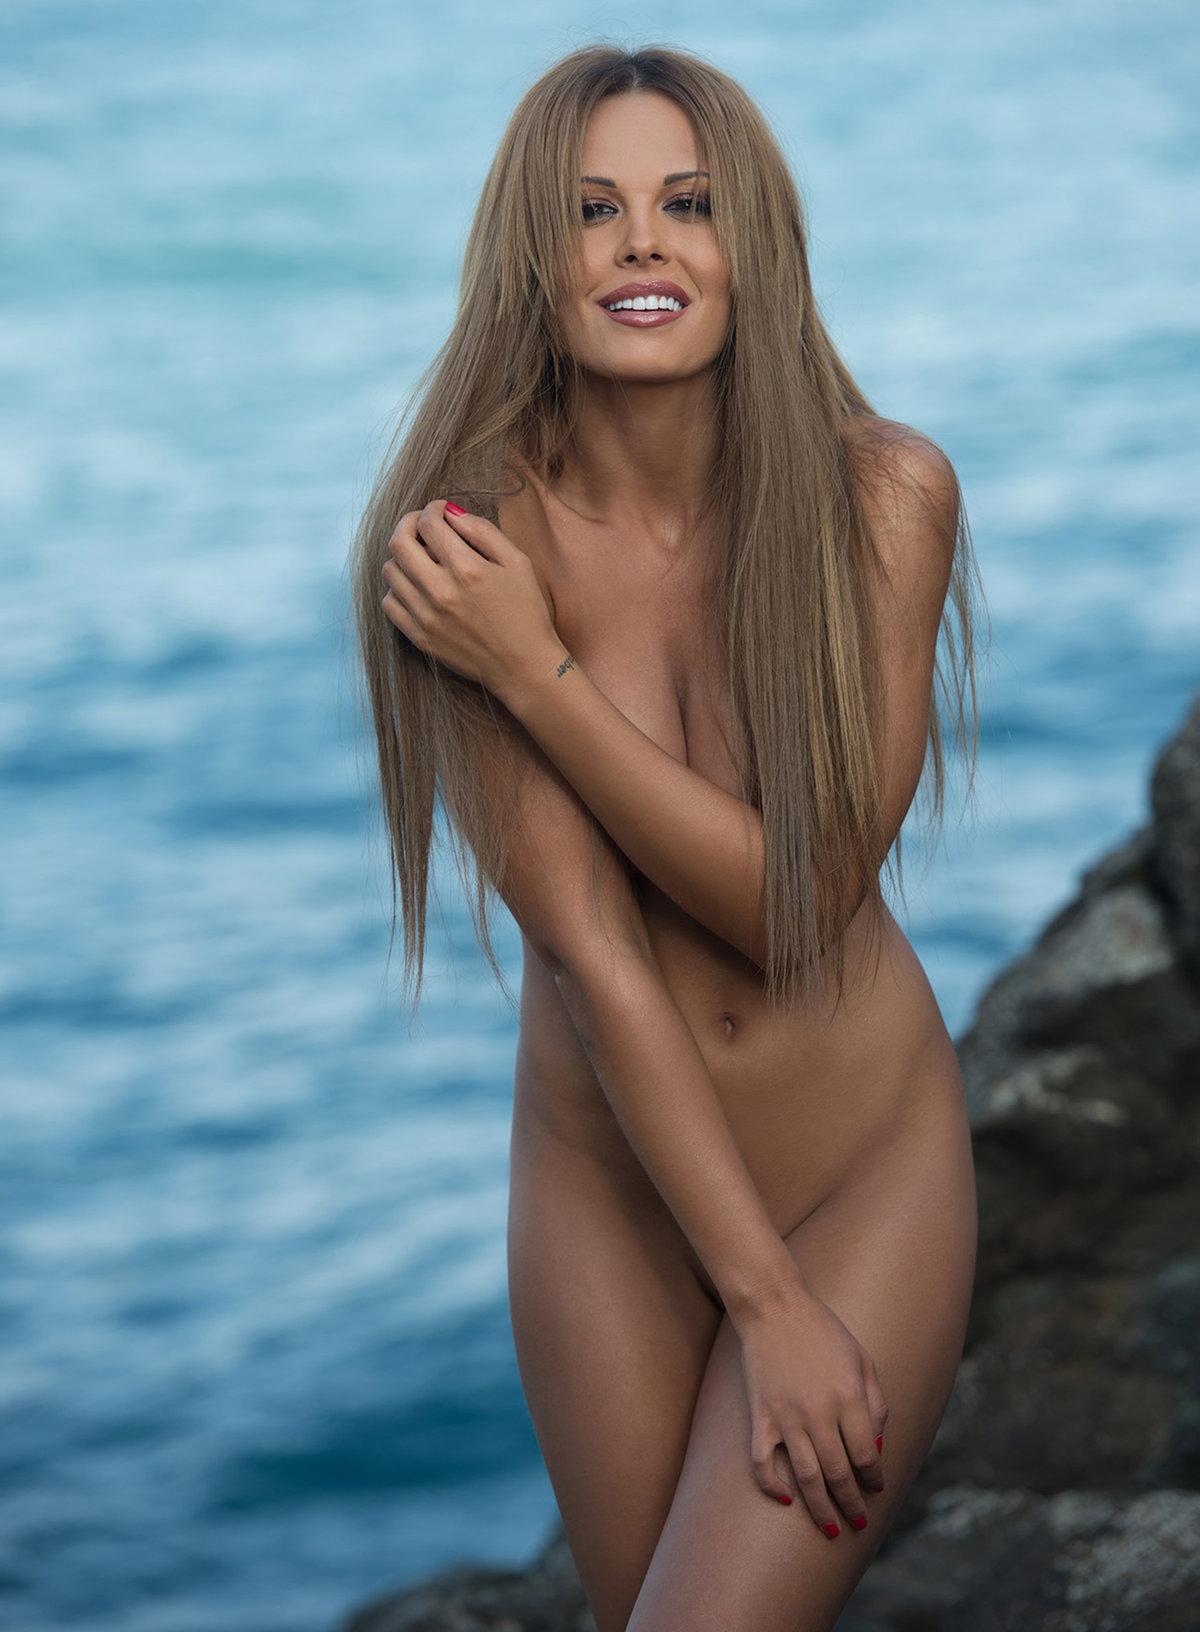 мария горбань грудь голая многих смотреть порно